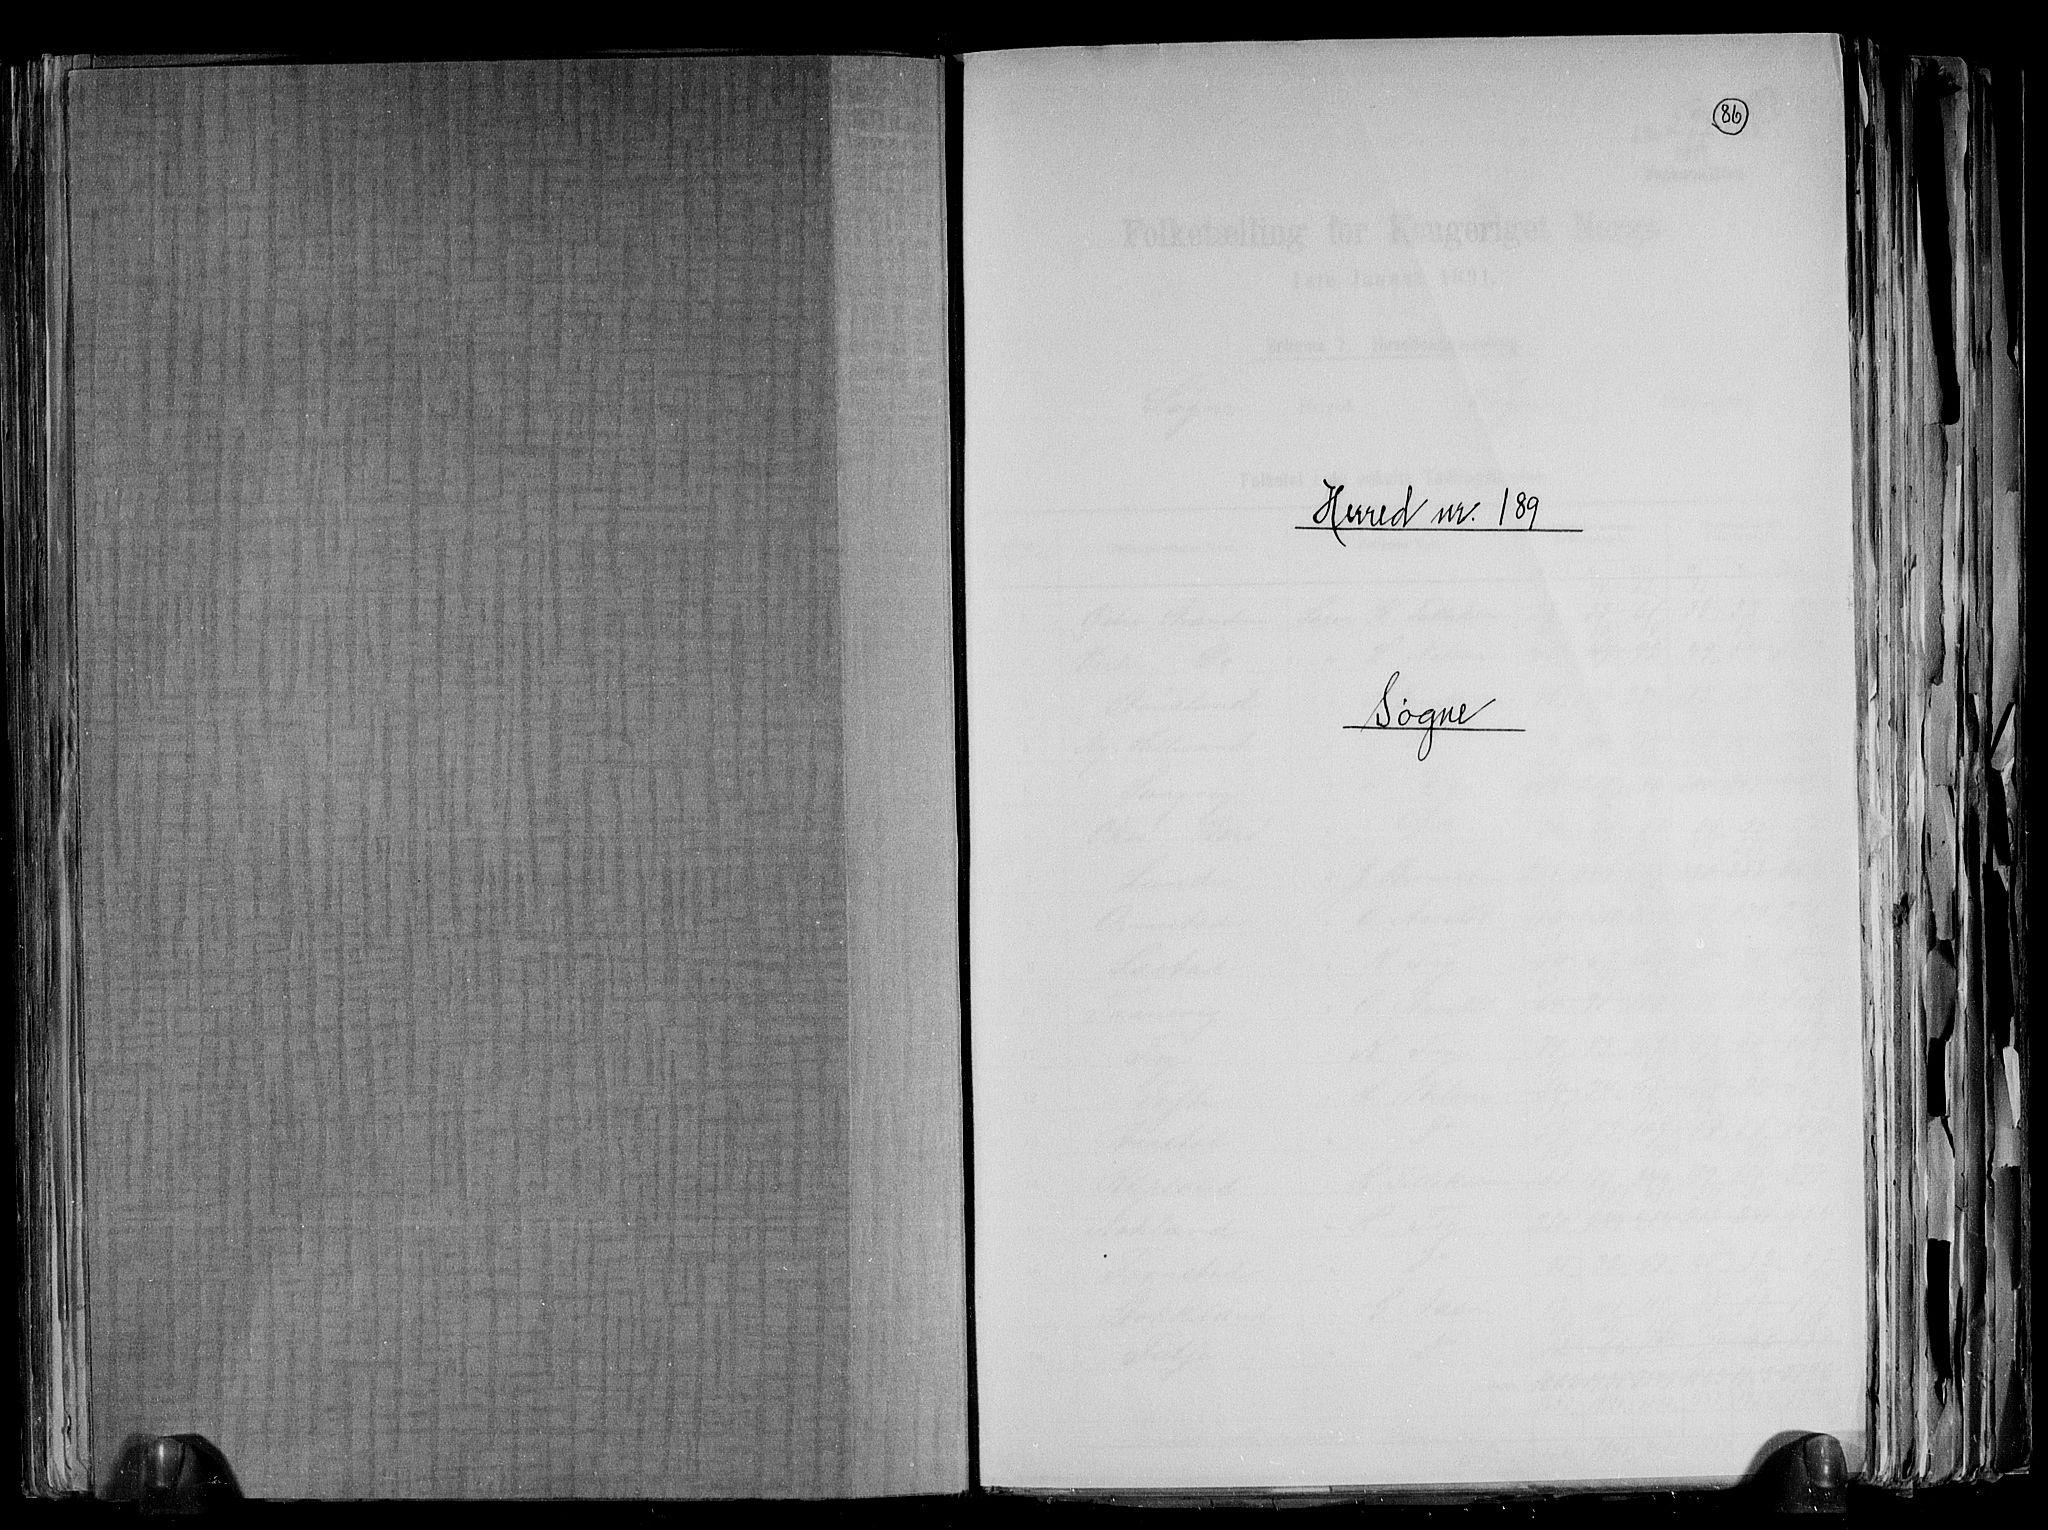 RA, Folketelling 1891 for 1018 Søgne herred, 1891, s. 1